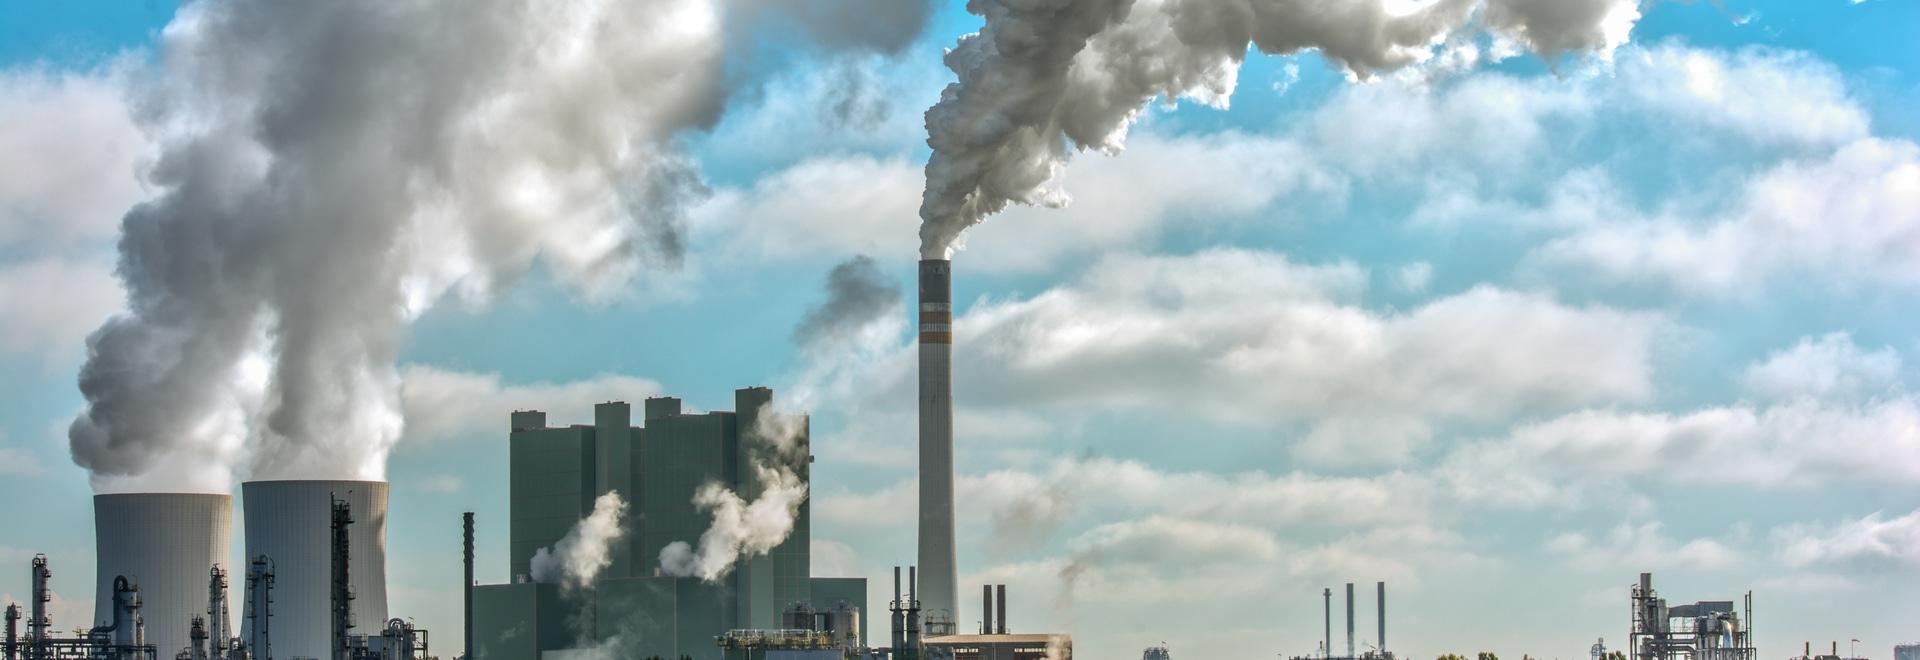 Pompes pour la mesure de la poussière et de pollution ou l'IAQM